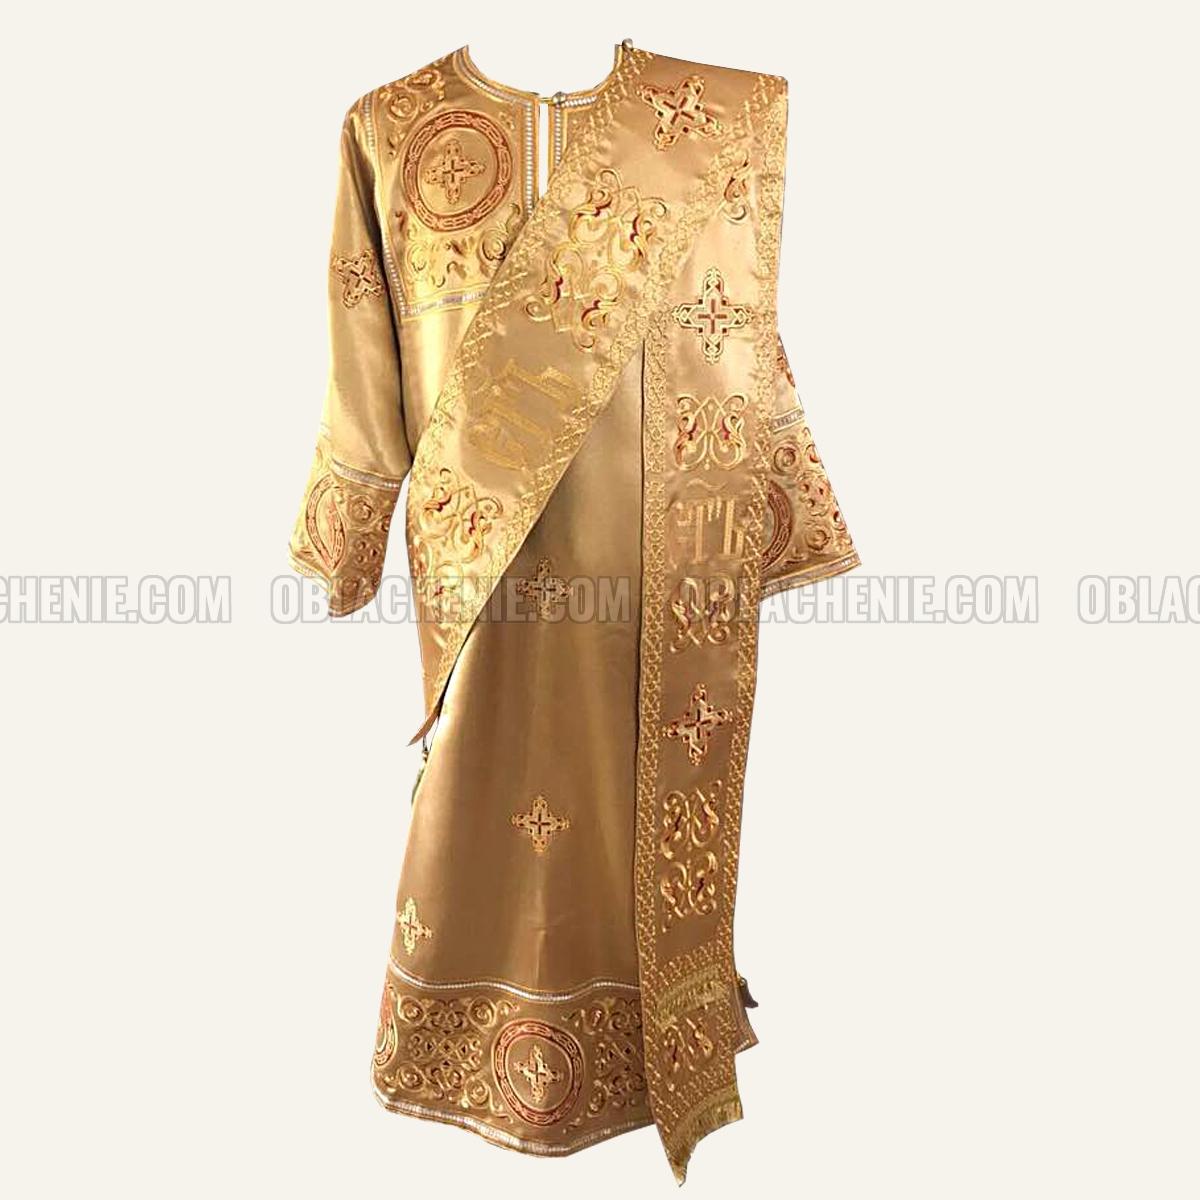 Deacon's vestments 10349